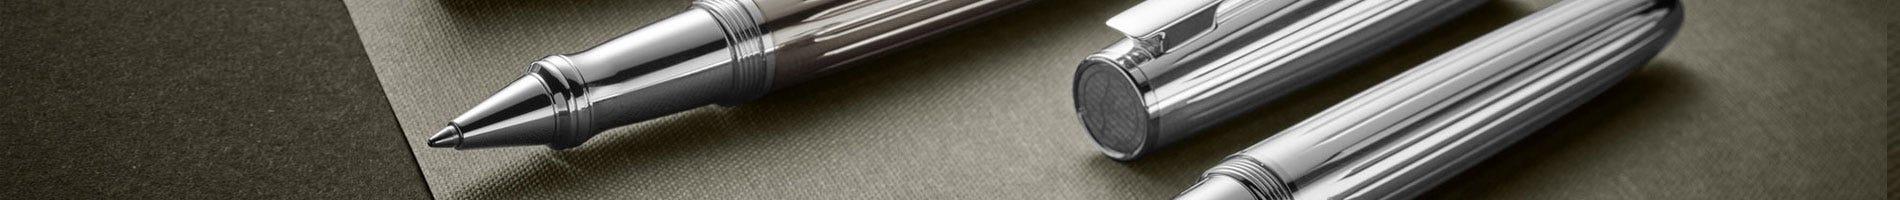 Cross Century 2 rollerball pen lustrous chrome